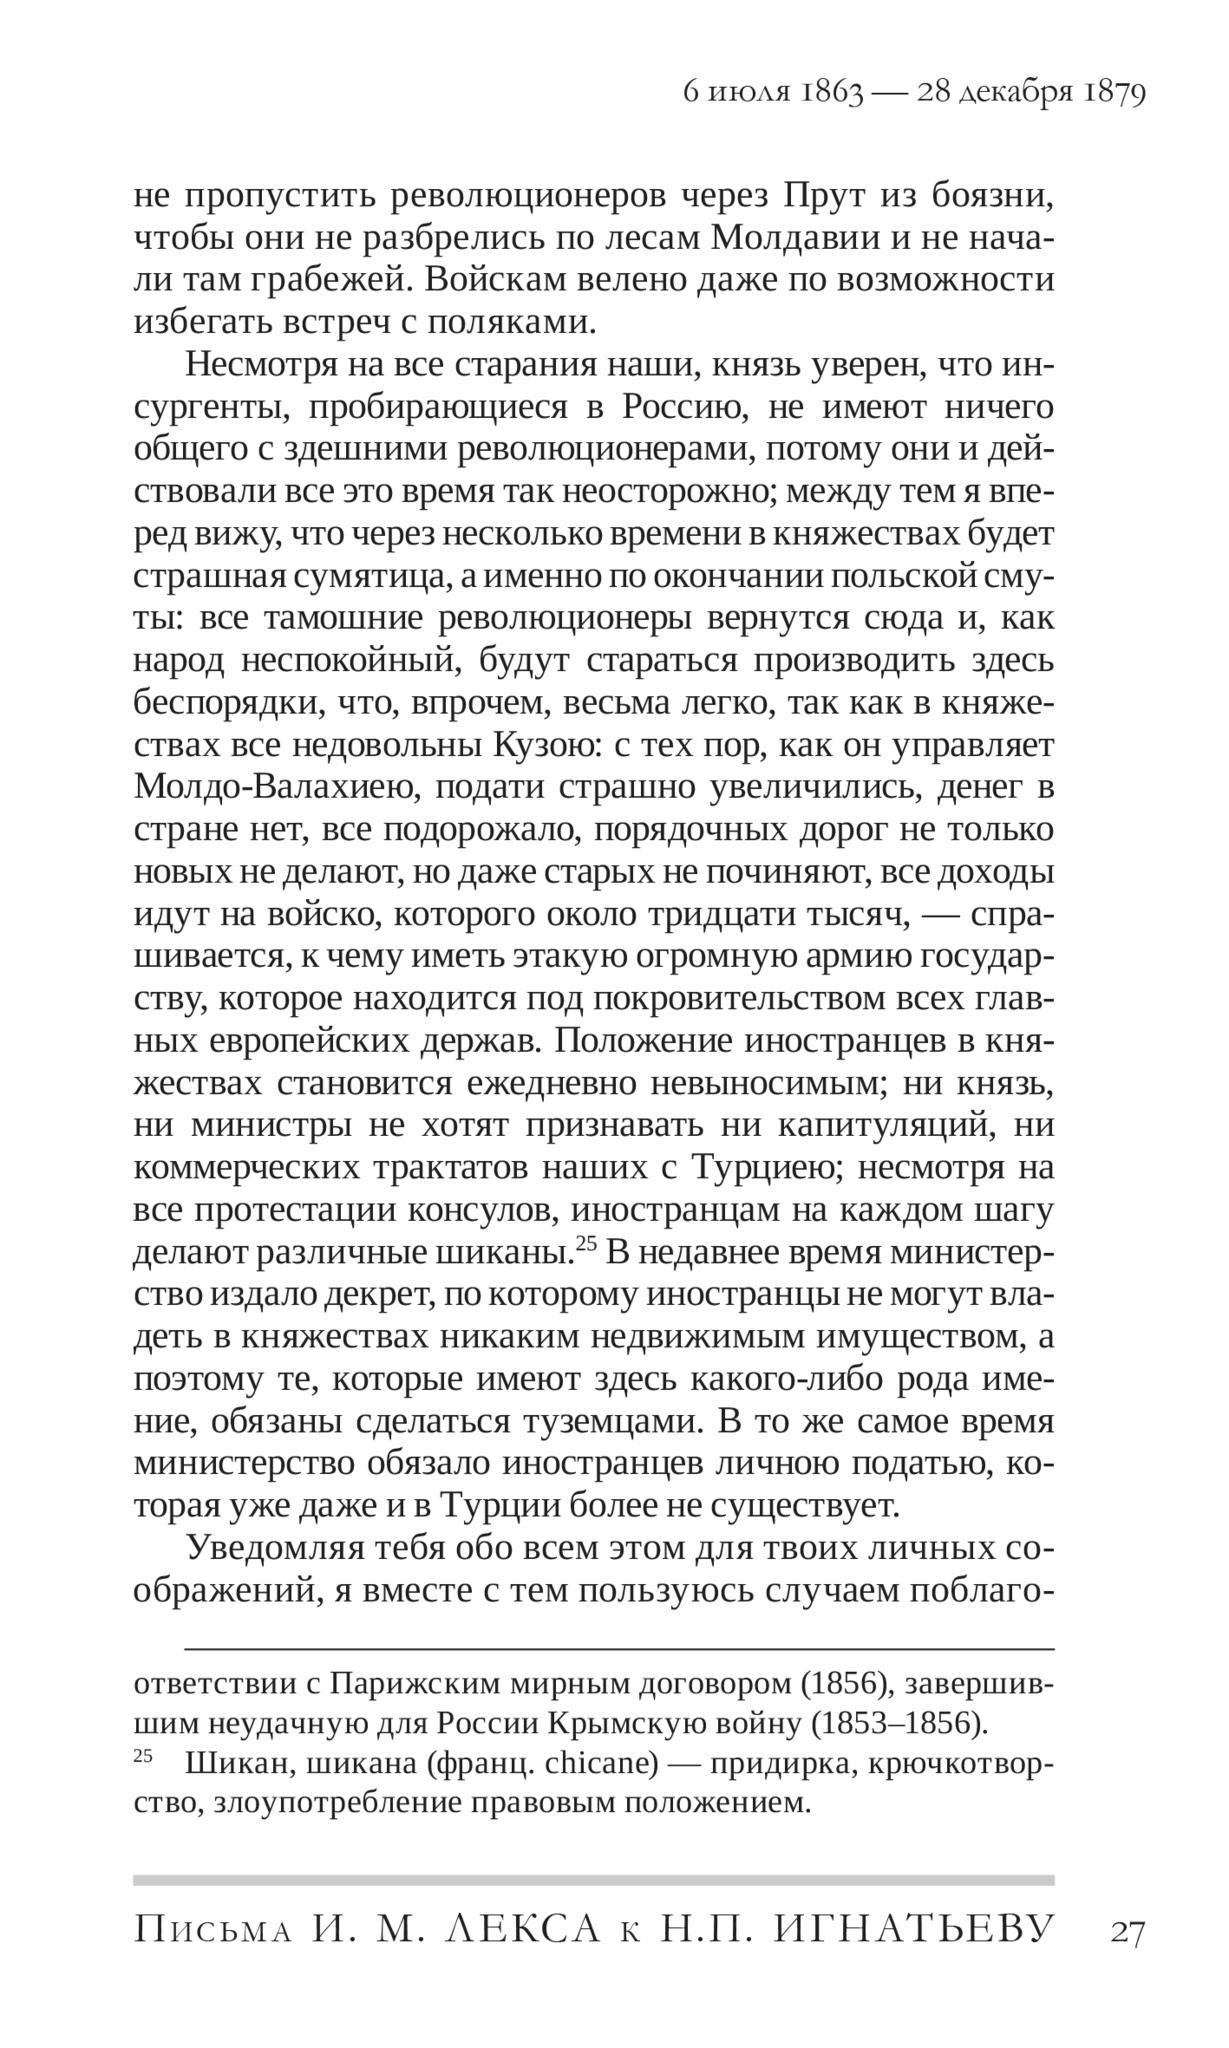 Румыния и Египет в 1860–1870-е гг. Письма российского дипломата И. М. Лекса к Н. П. Игнатьеву.Копировать товар с. 27